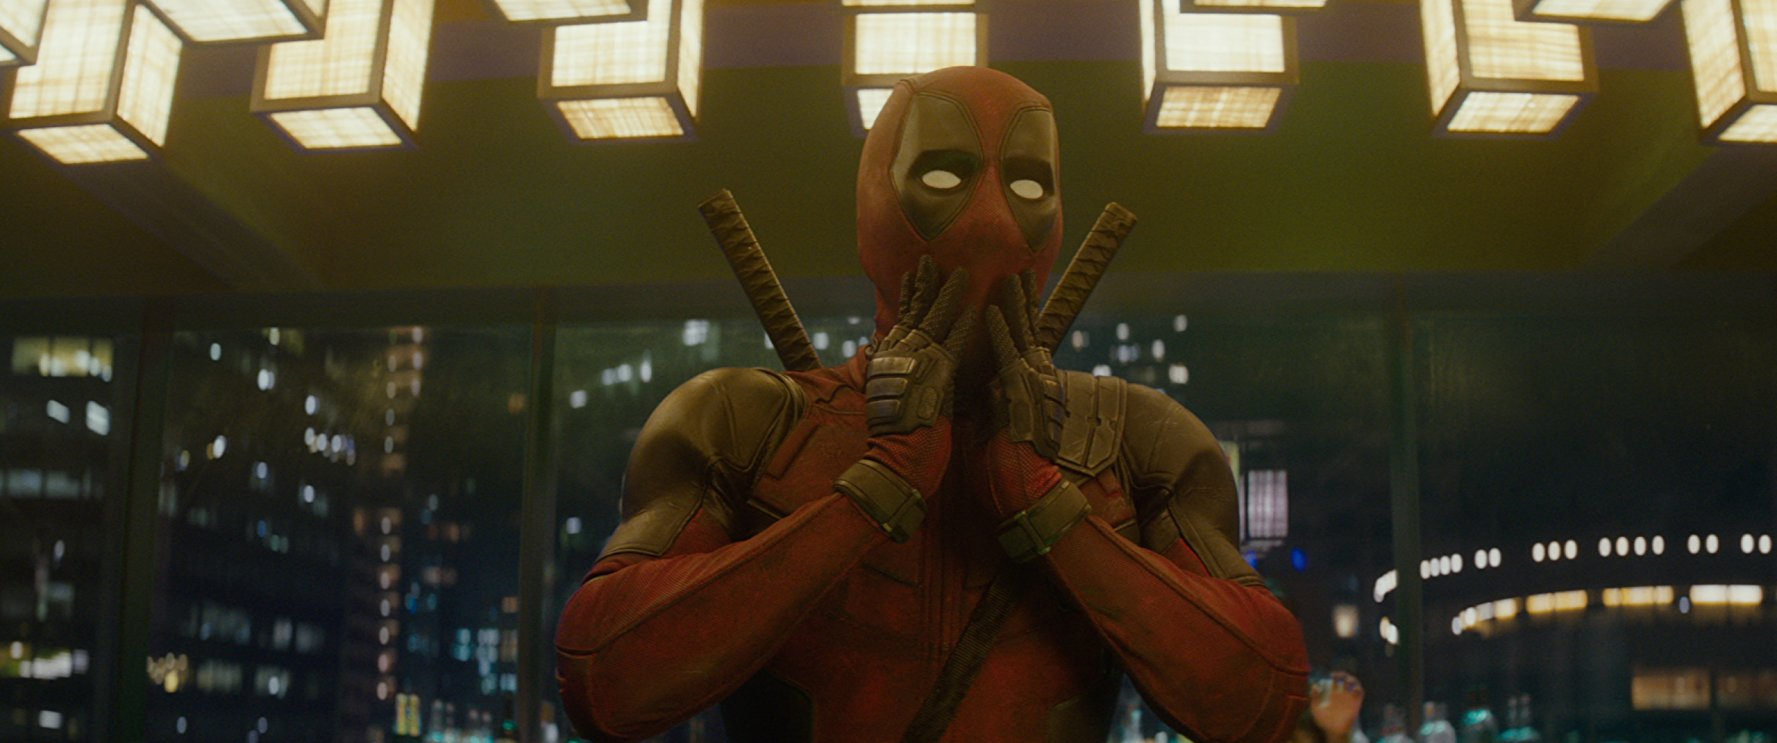 Once Upon a Deadpool, Versi Ramah si Anti-hero